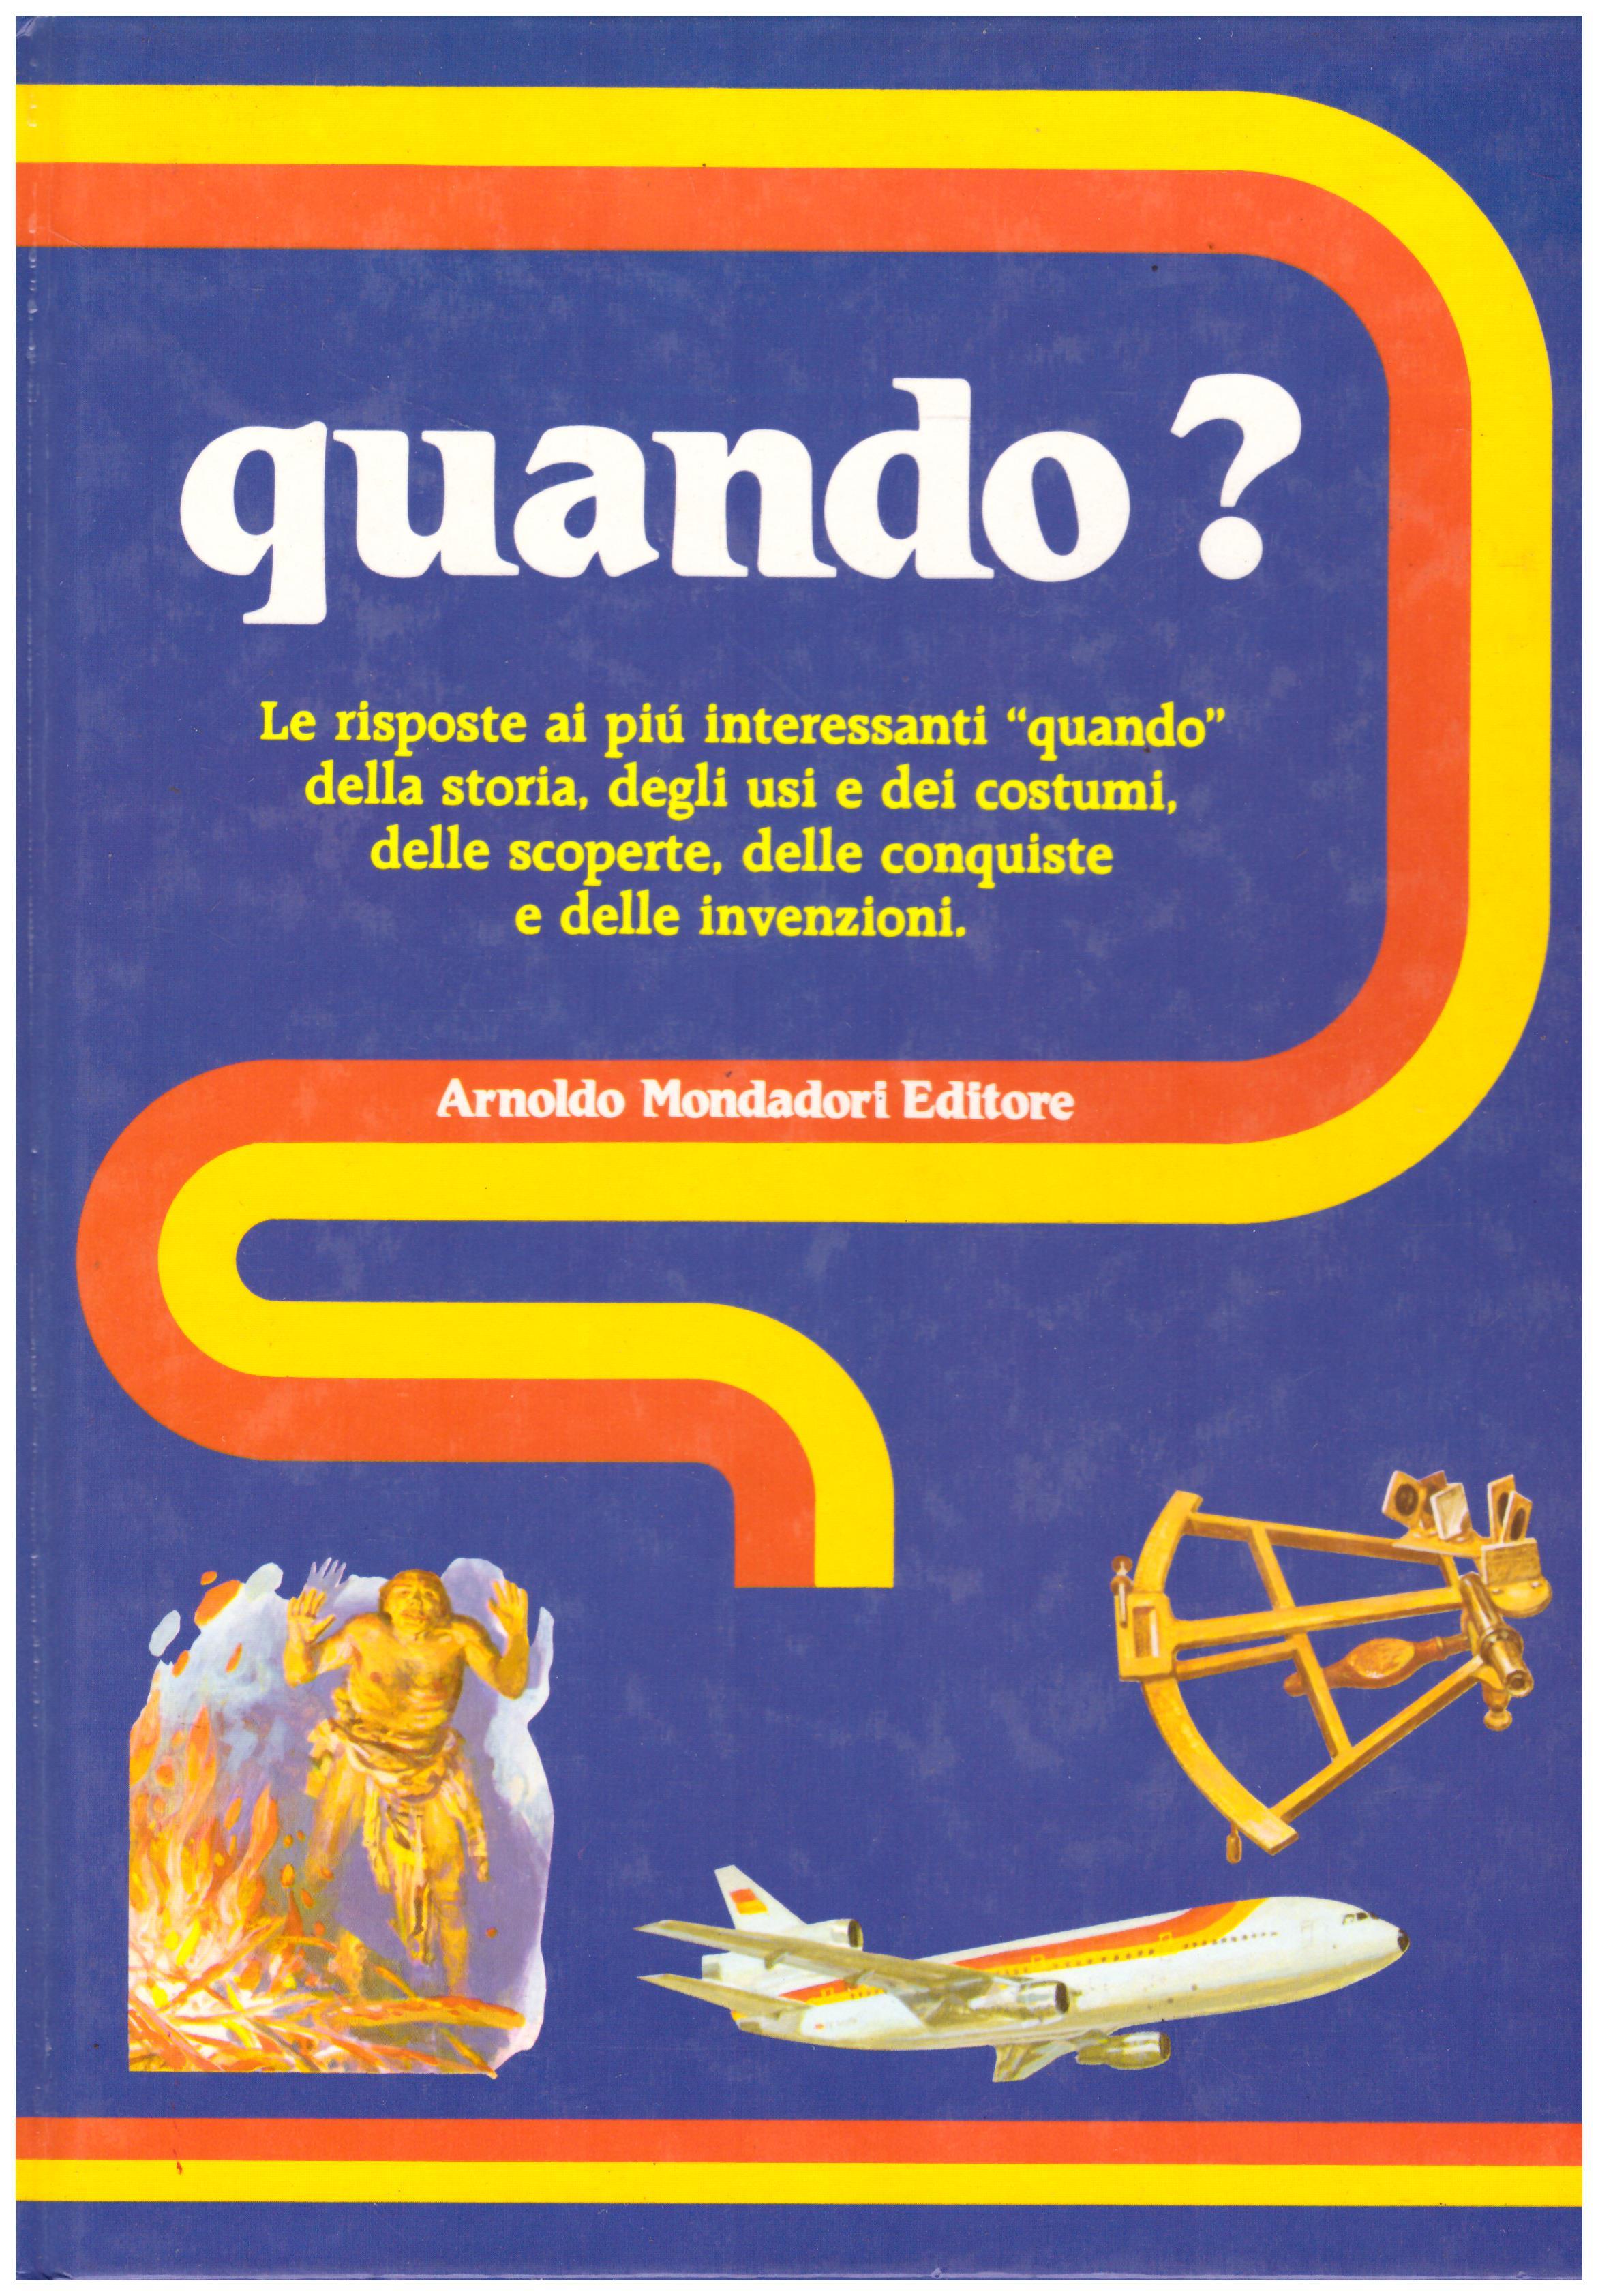 Titolo: Quando? Autore: AA.VV.  Editore: Mondadori, 1989